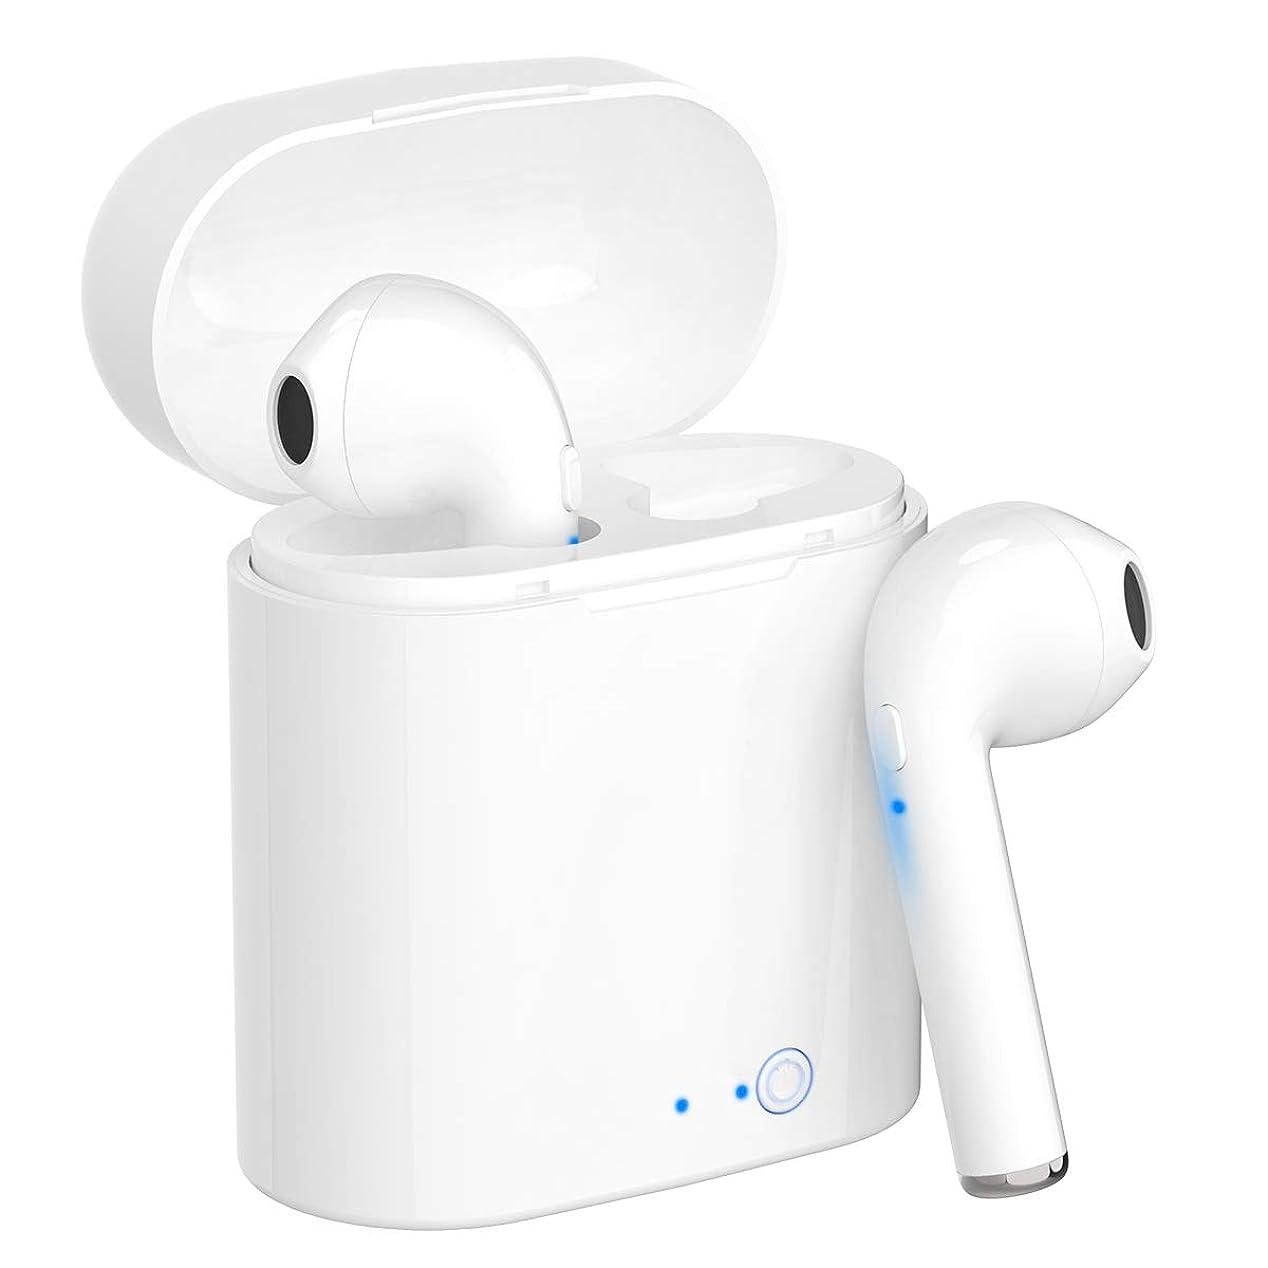 プレーヤーマーク反動Bluetooth イヤホン ワイヤレス イヤホン 高音質 ブルートゥース イヤホン スポーツ ヘッドホン 超軽量 マイク内蔵 iPhone、Android各種対応